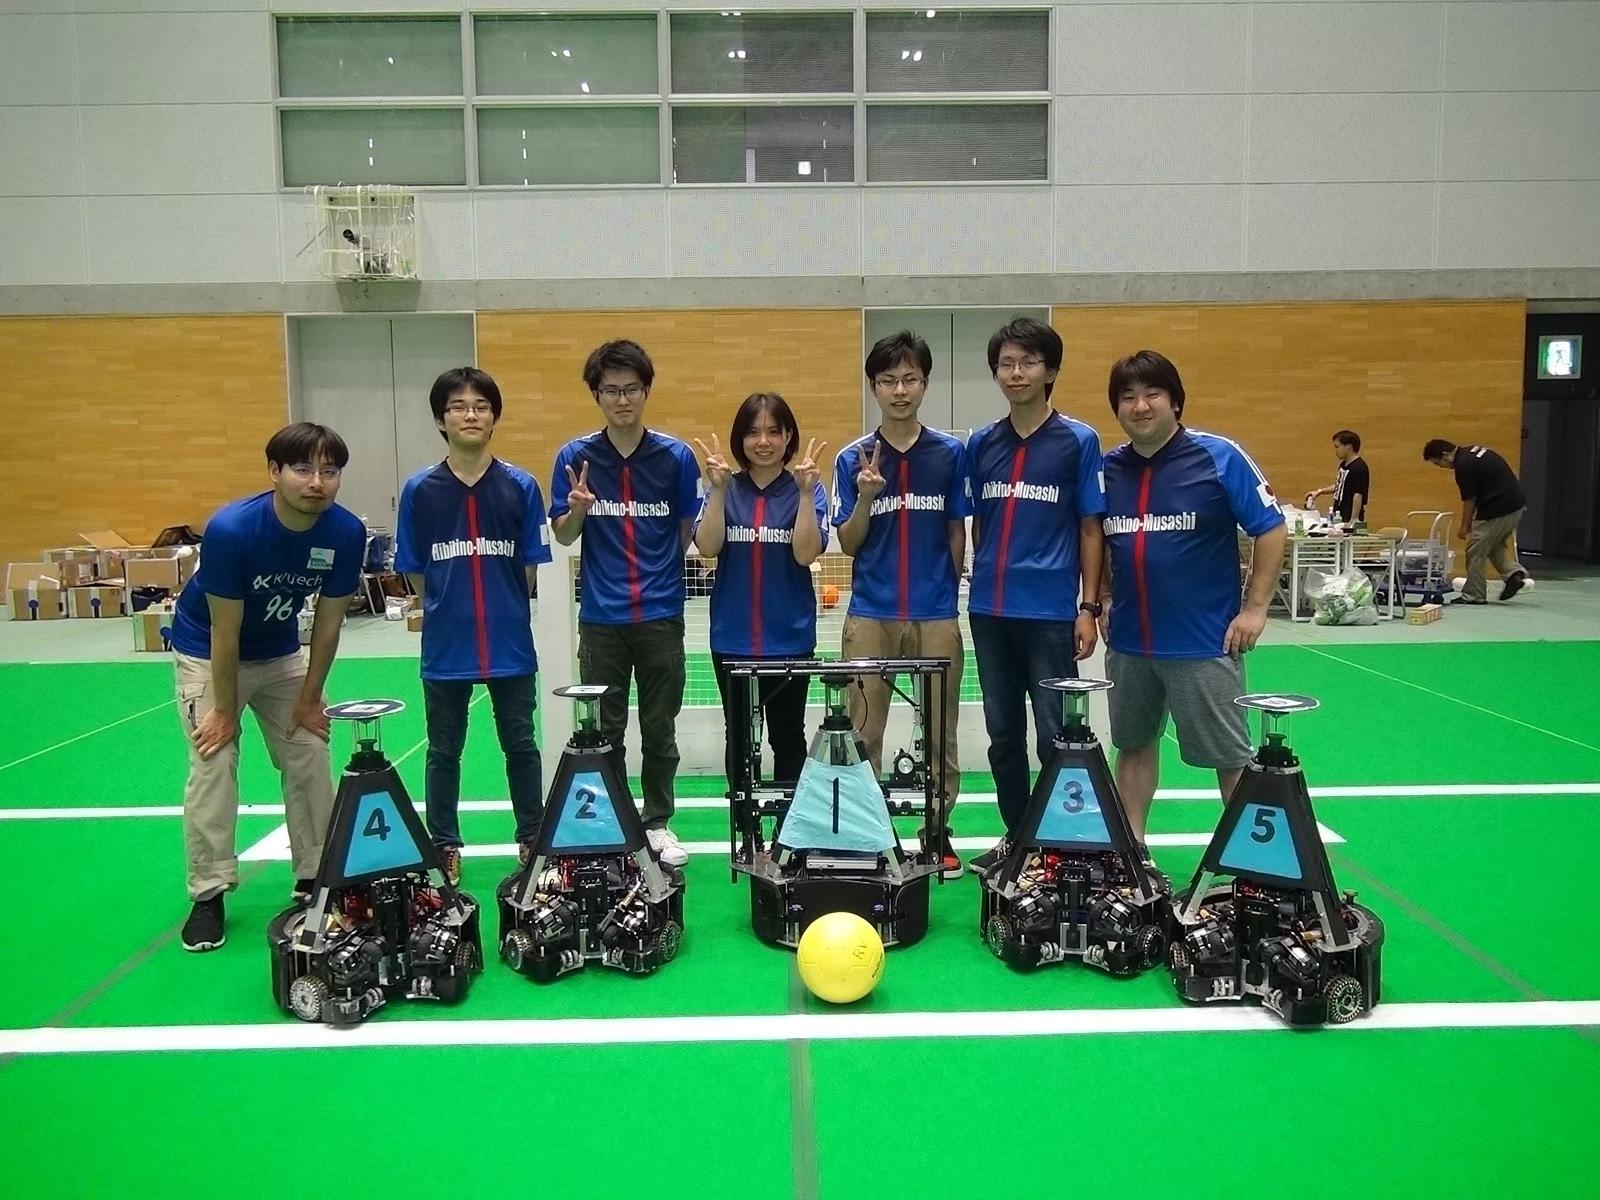 日本大会2019_200529_0035.jpg